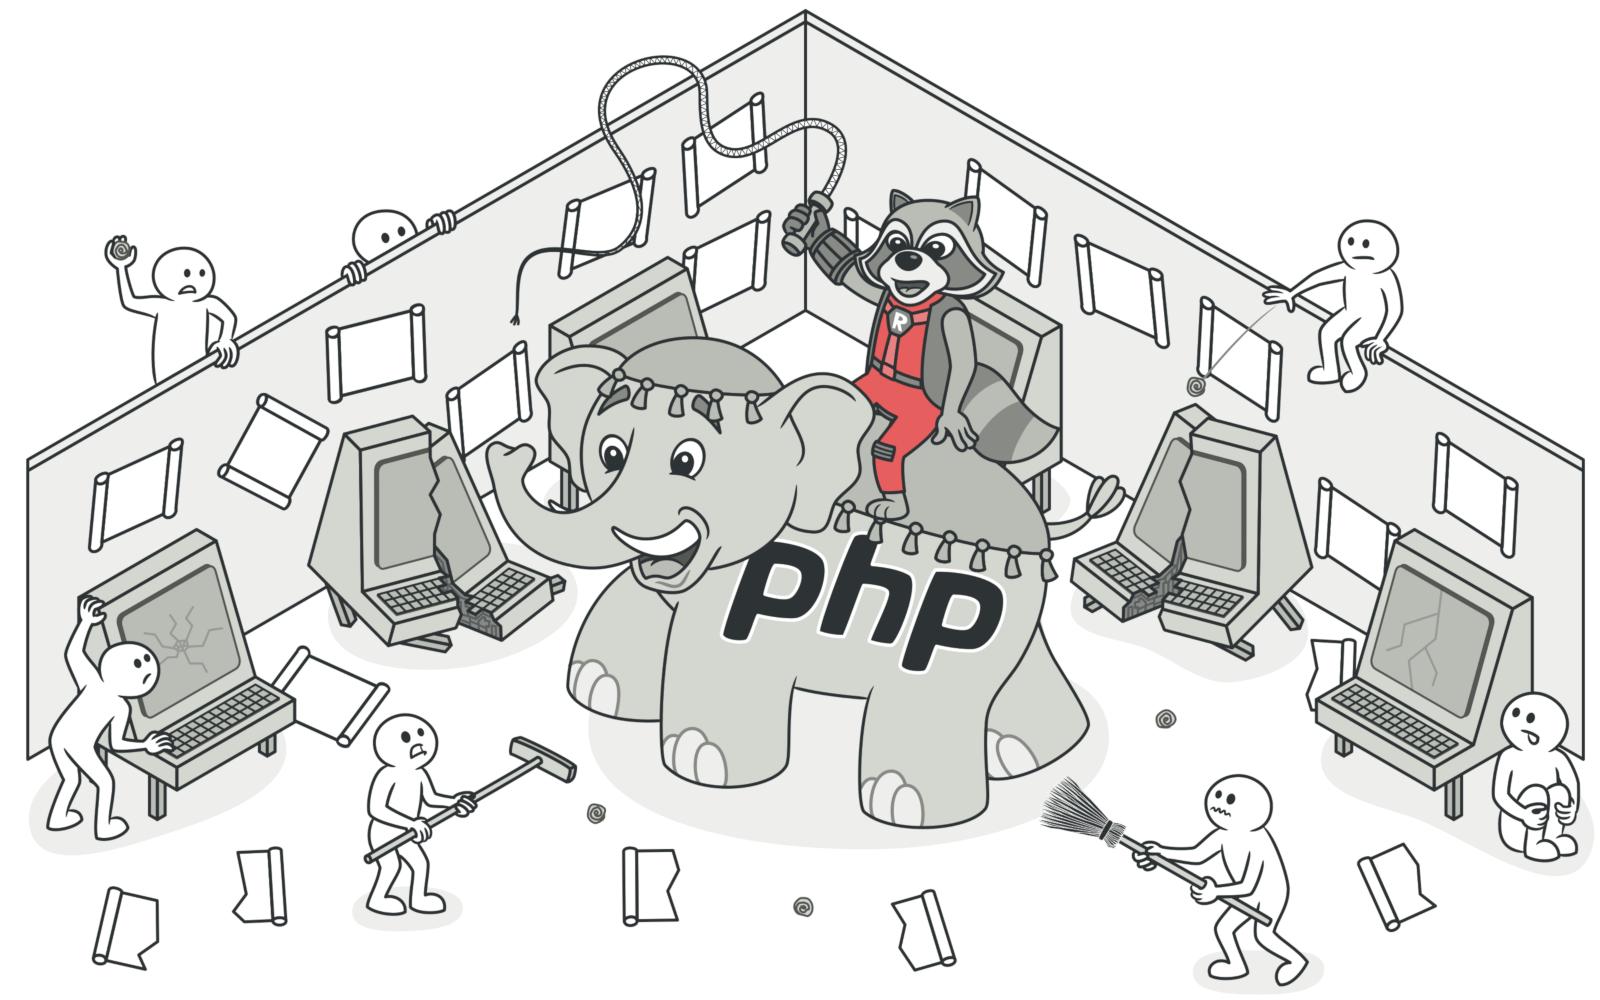 Refactoring programming languages - PHP